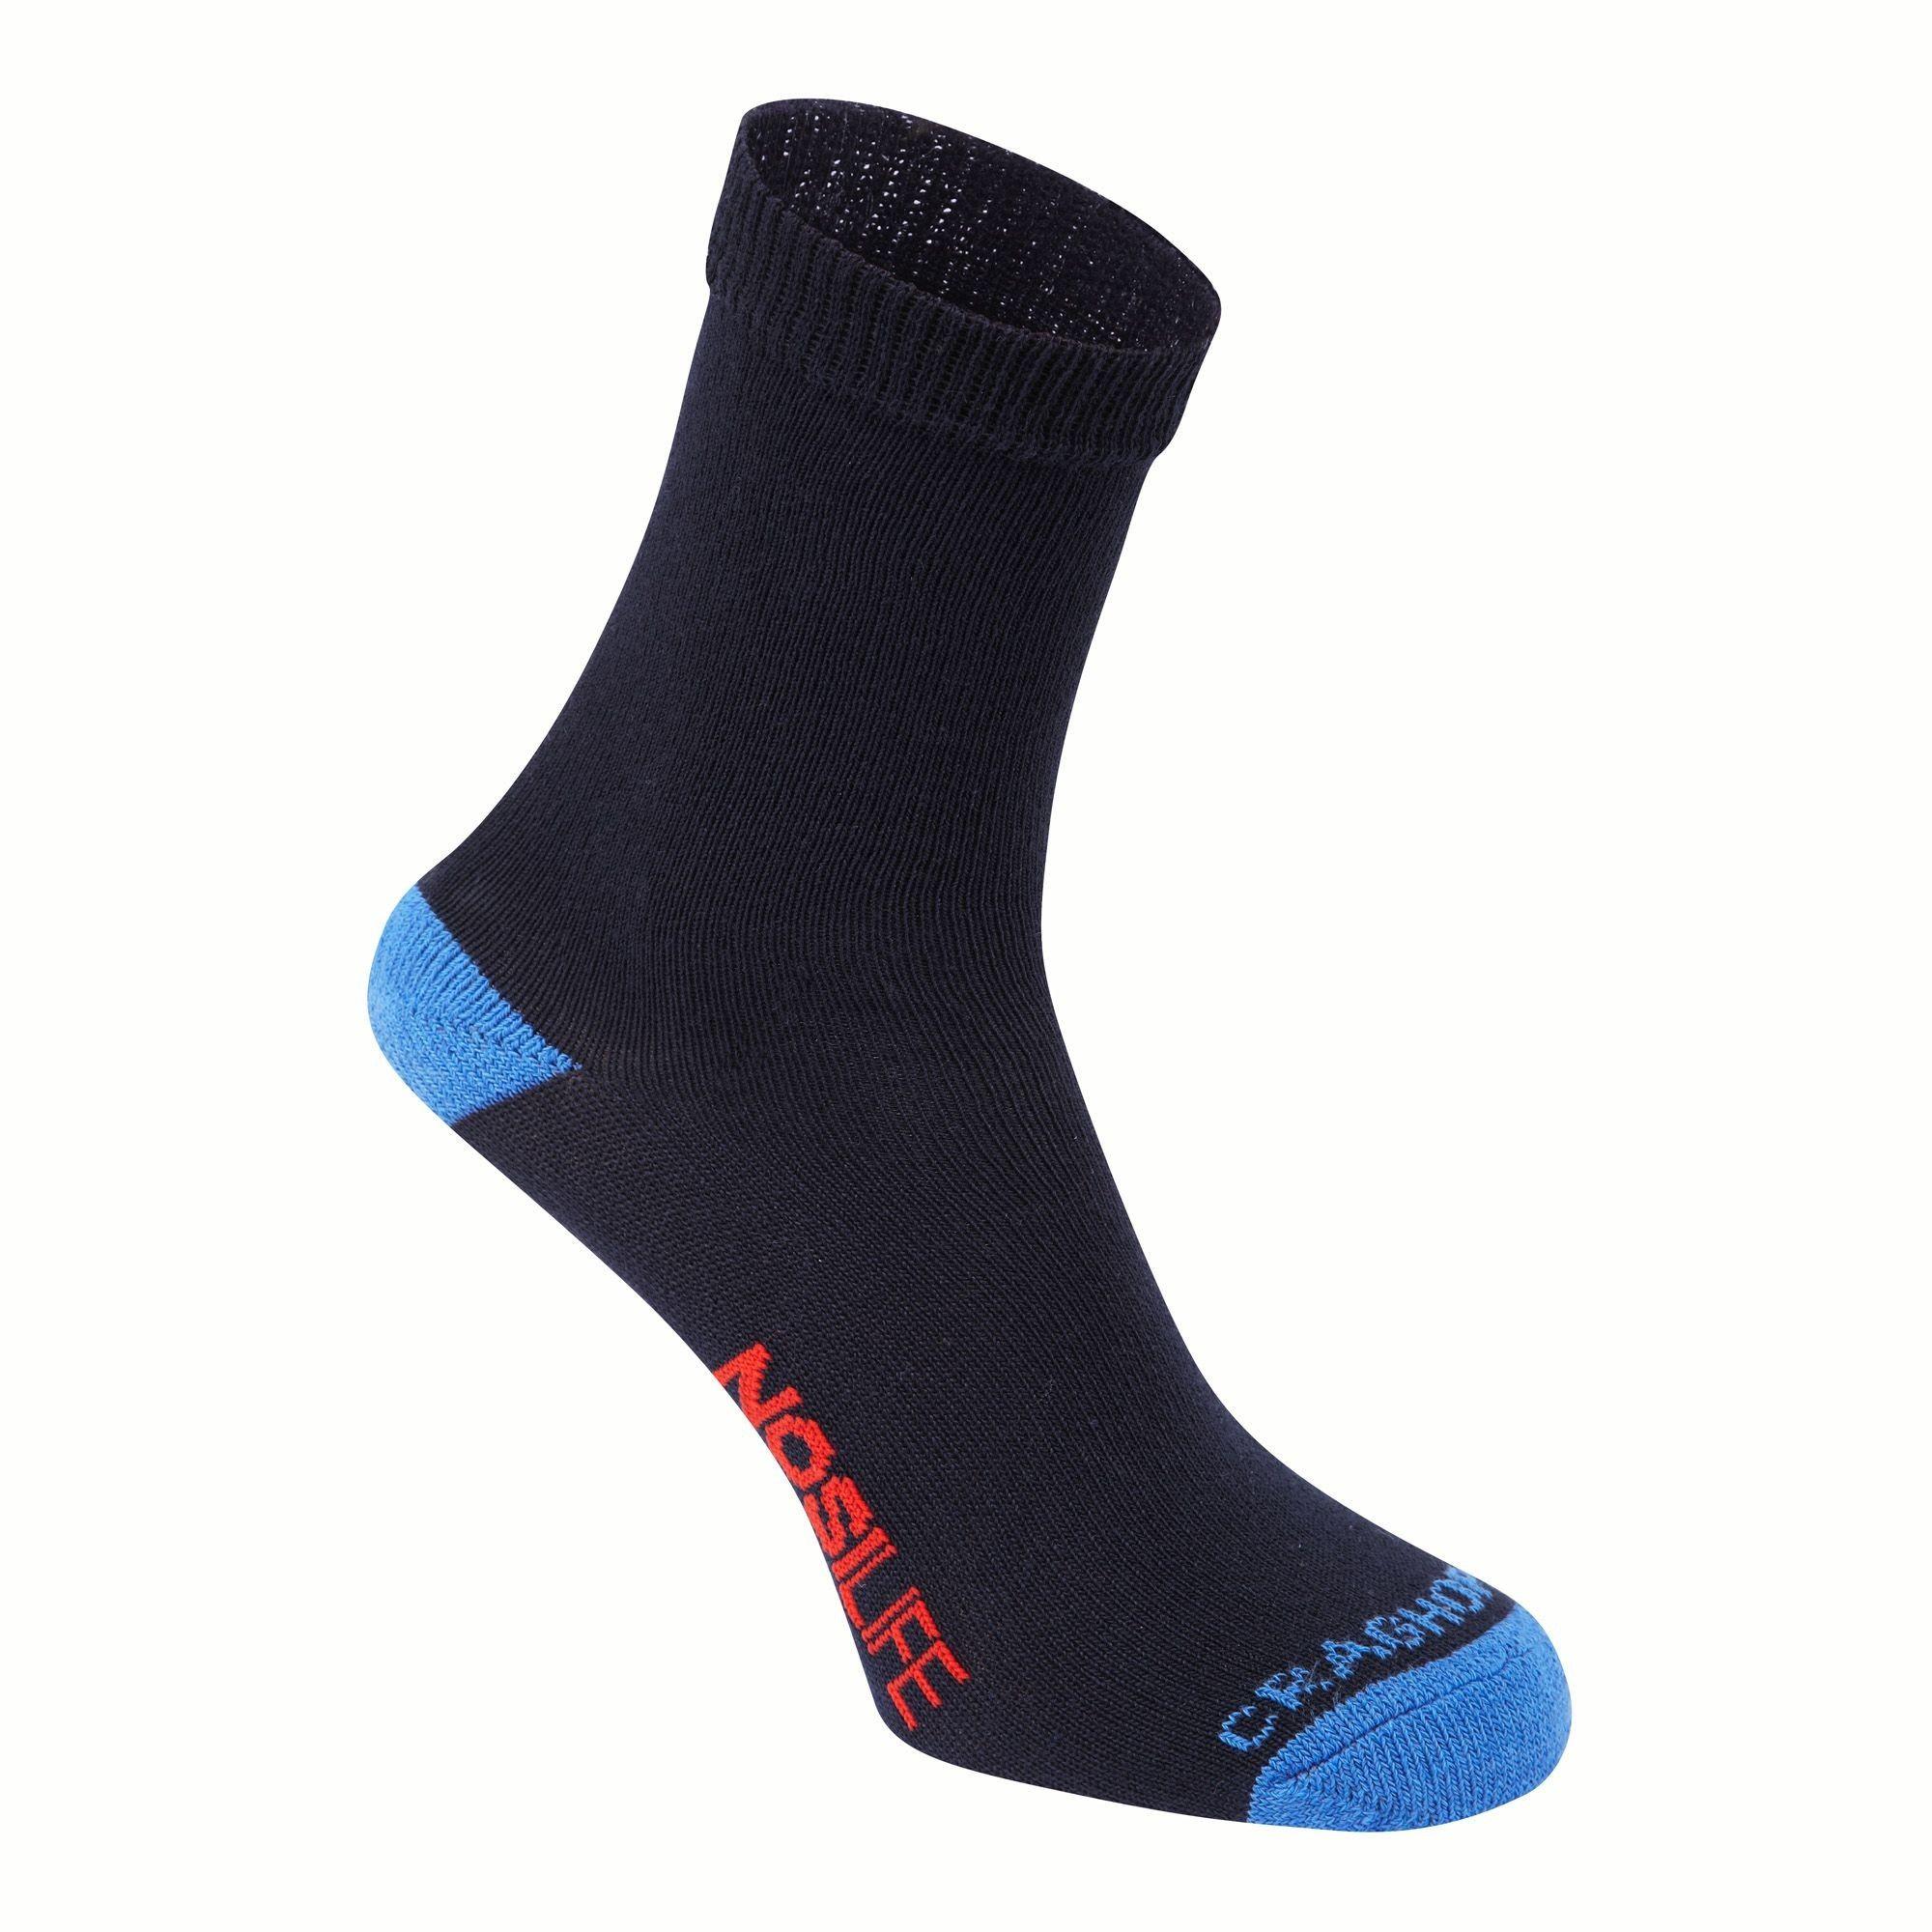 Craghoppers Kids Nosilife Travel Socken Blau, Daunen EU 19-23-UK 3-6 -Farbe Dark